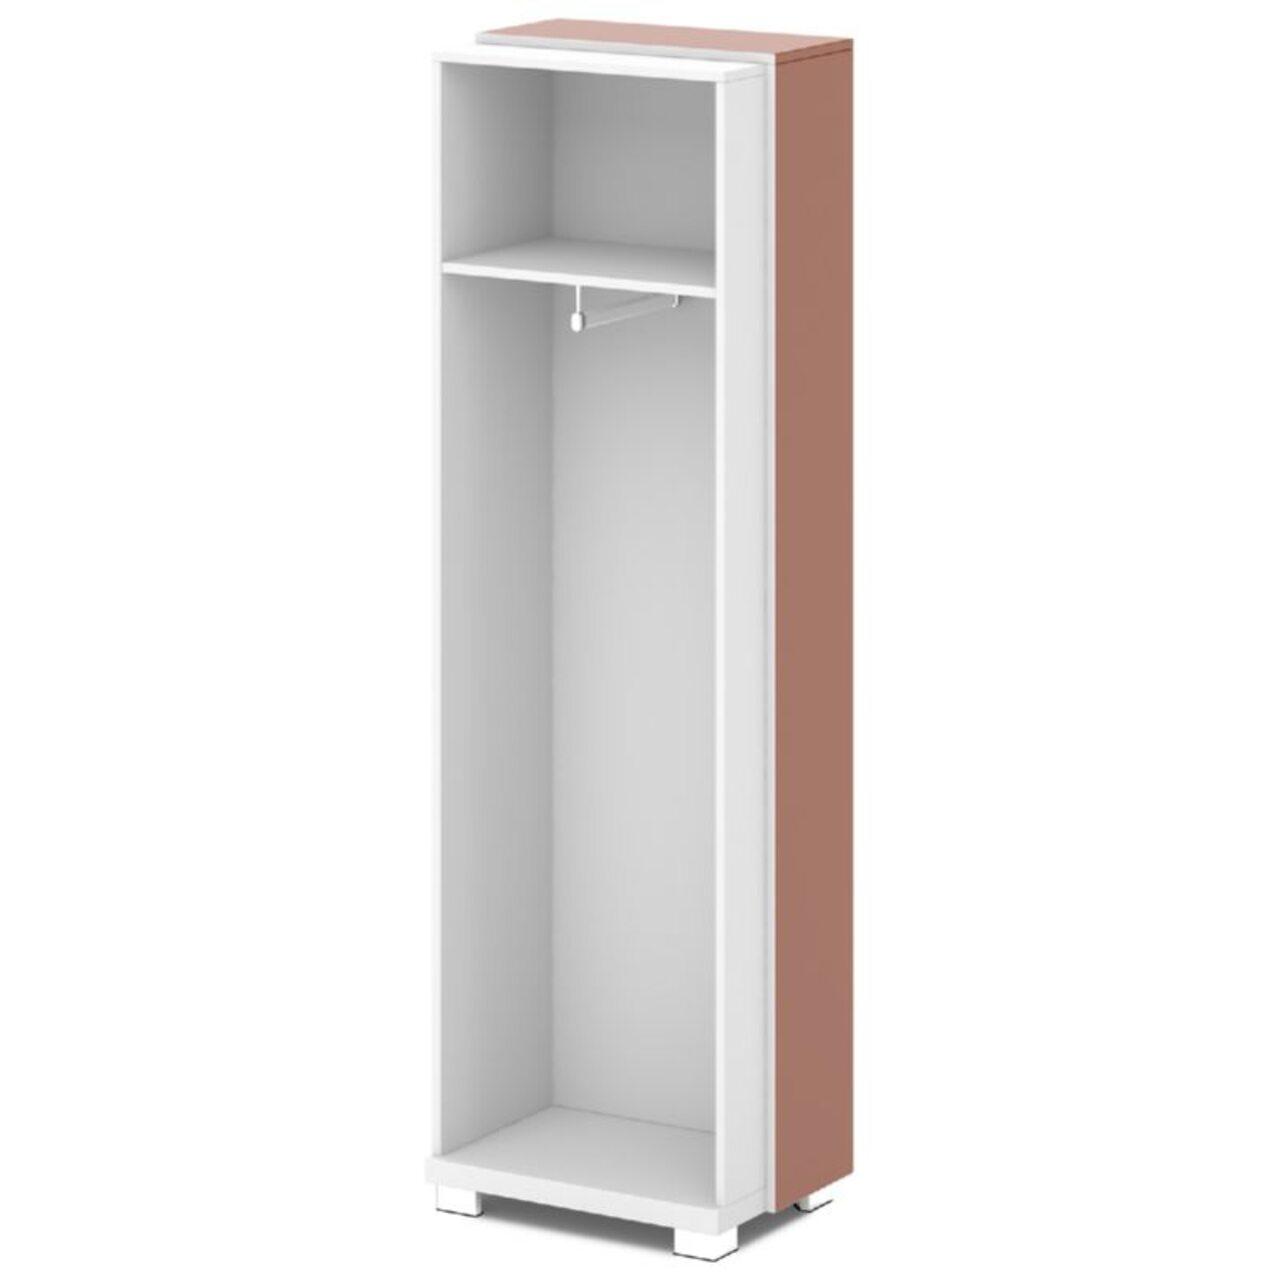 Каркас шкафа для одежды крайний  GRACE 62x44x205 - фото 8